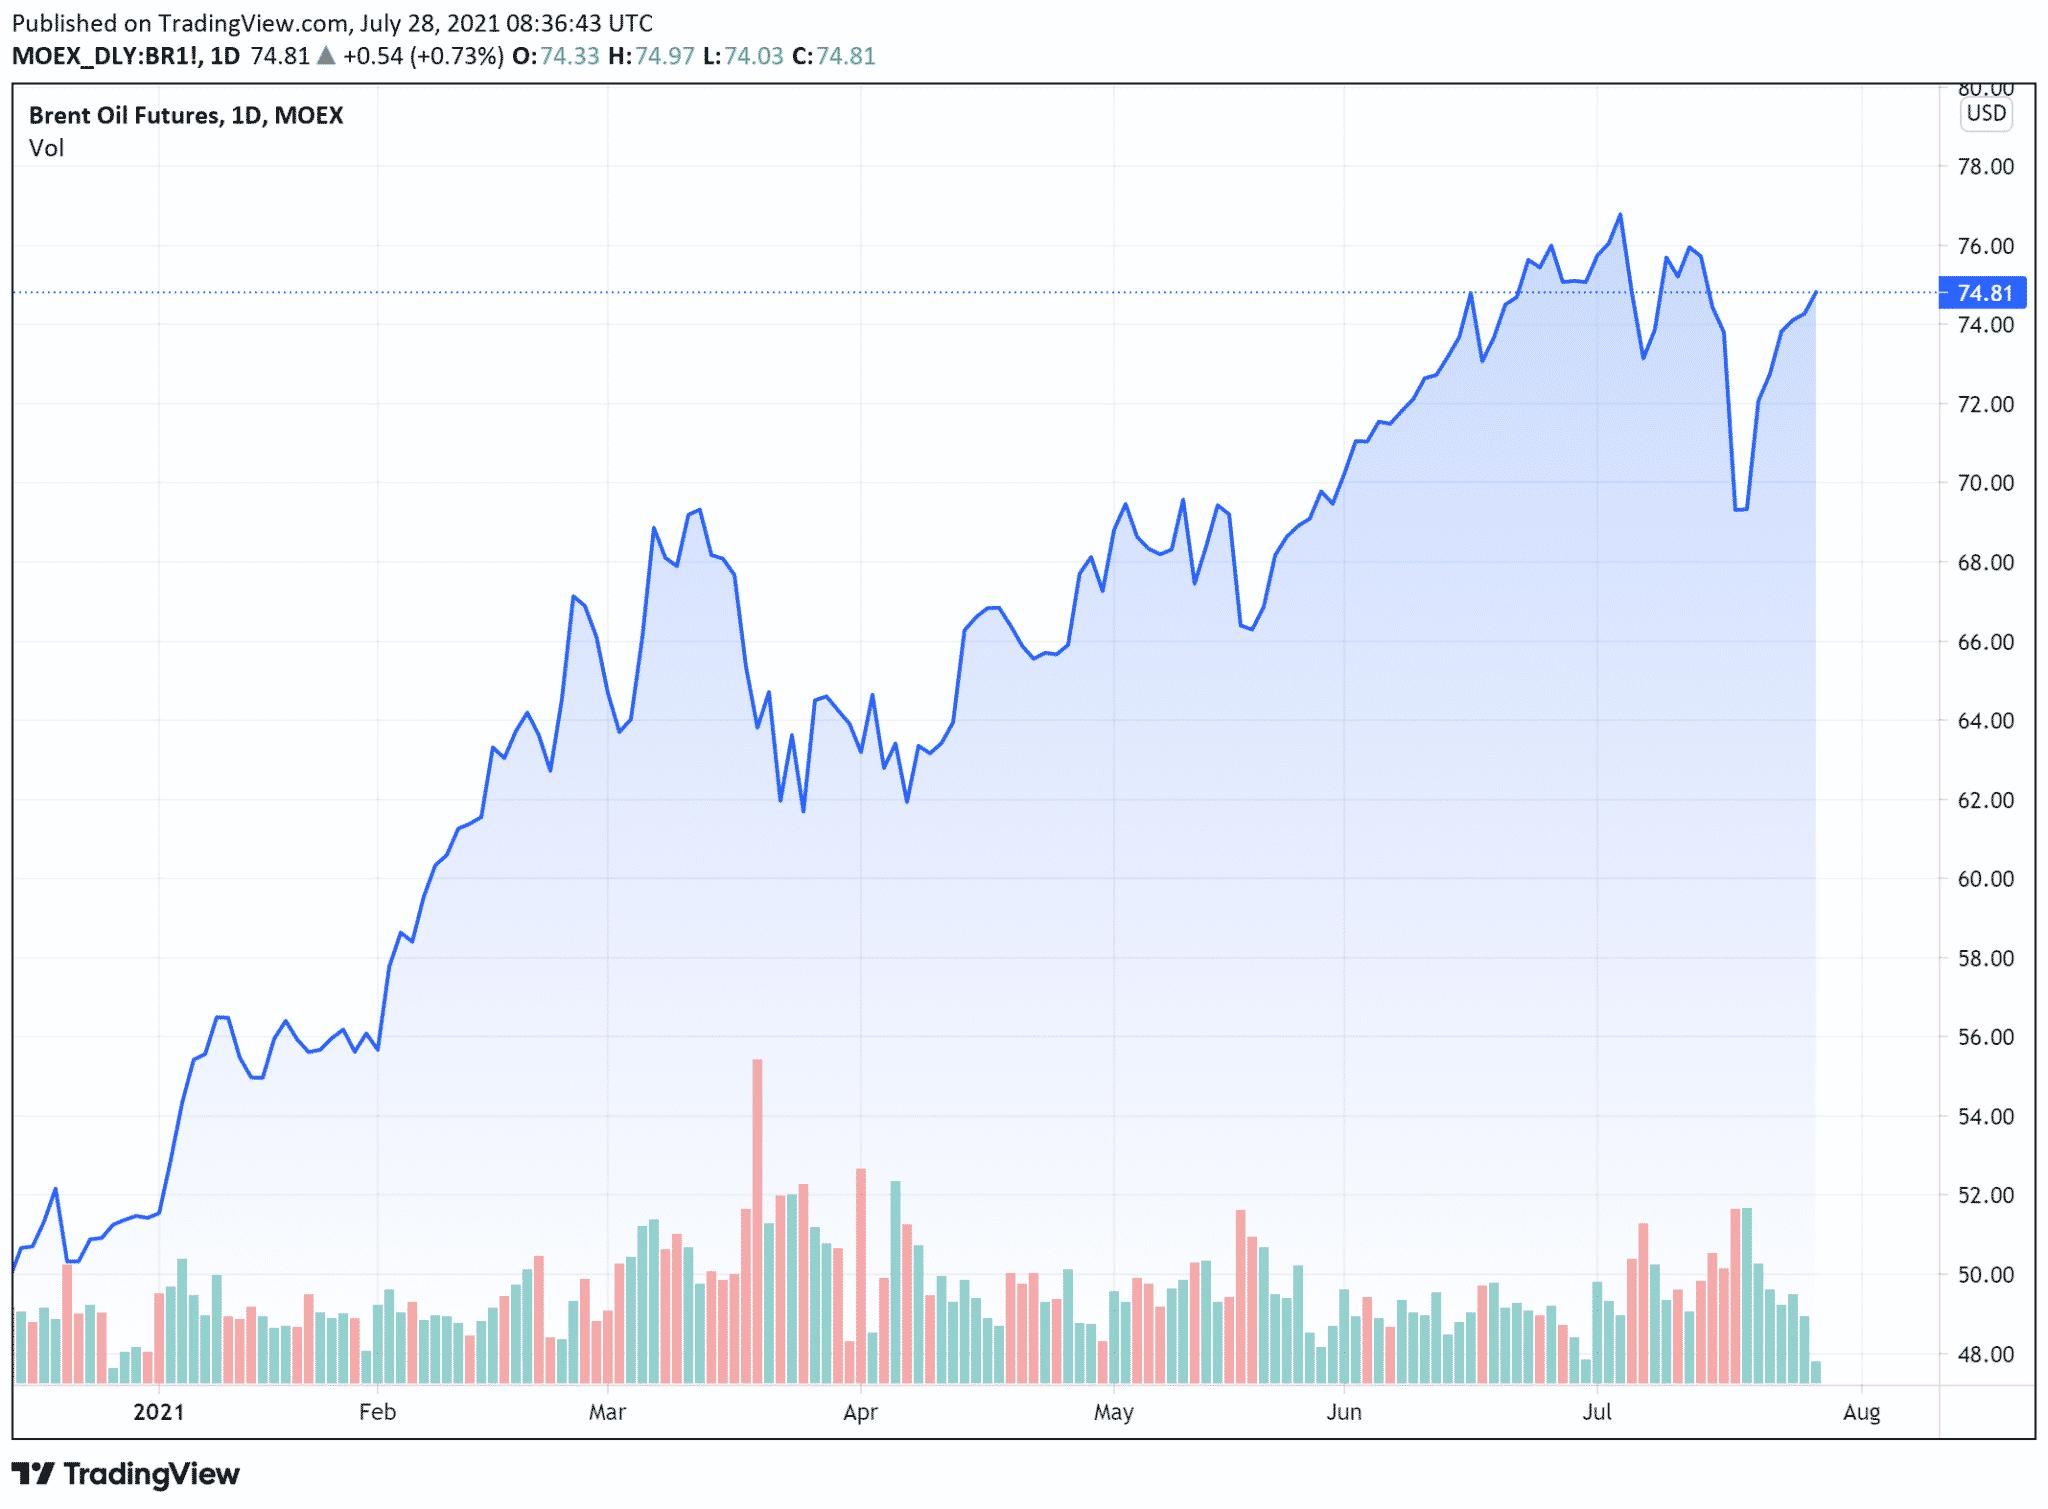 cours petrole Brent (baril en $) mercredi 28 juillet 2021